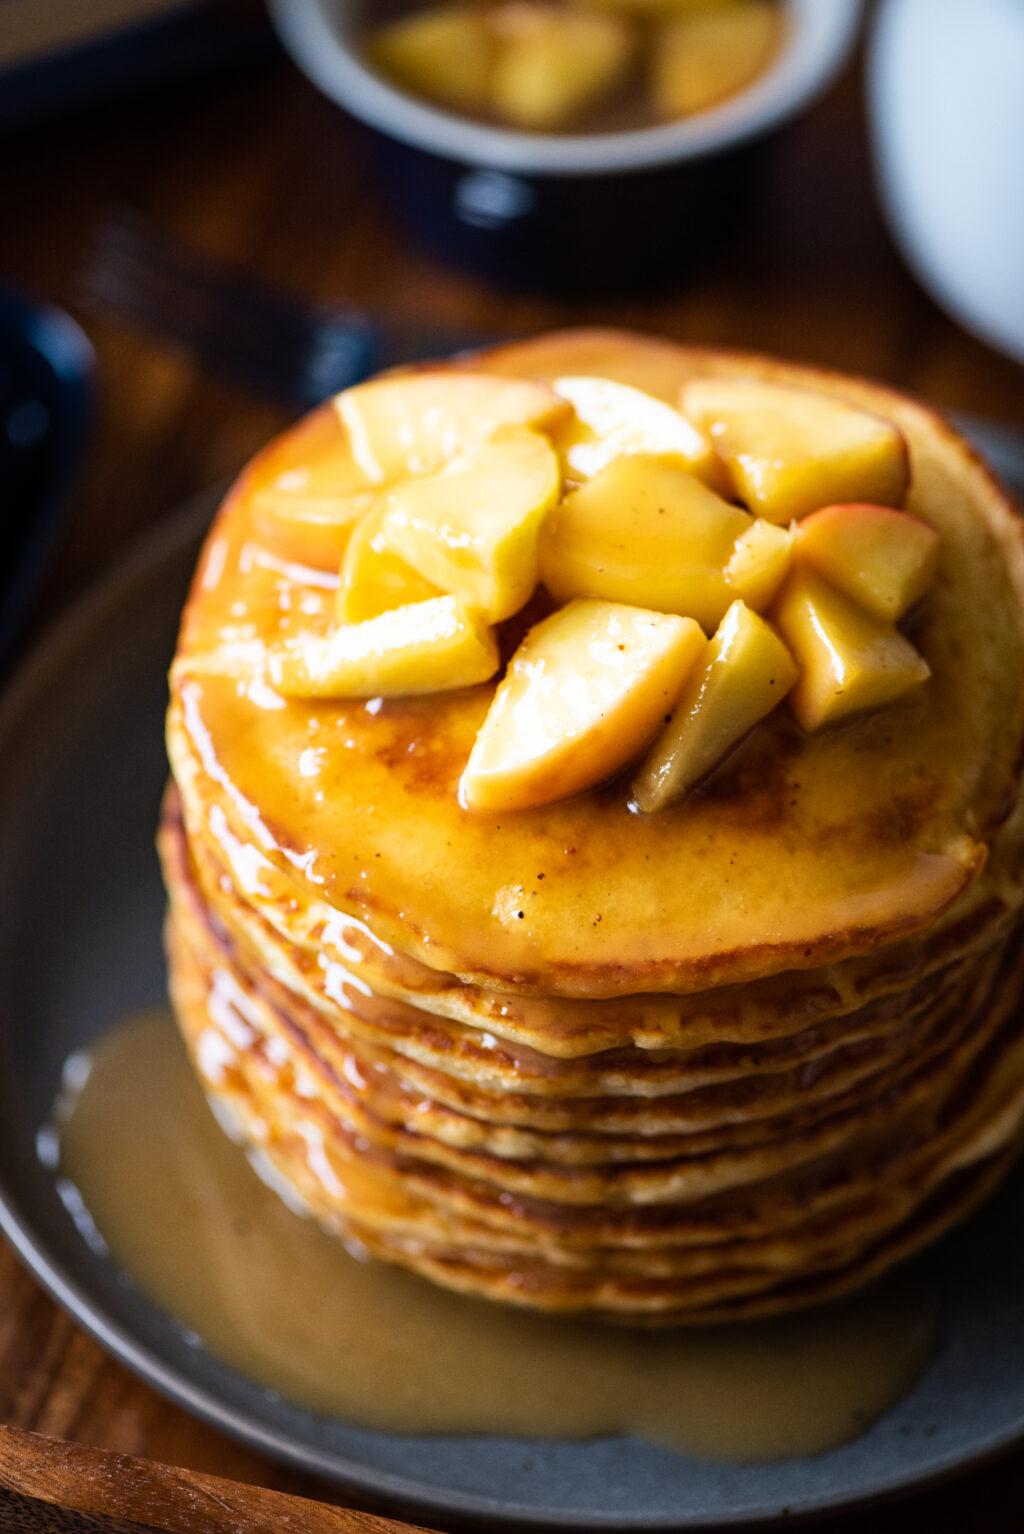 pancake stack with caramel apples